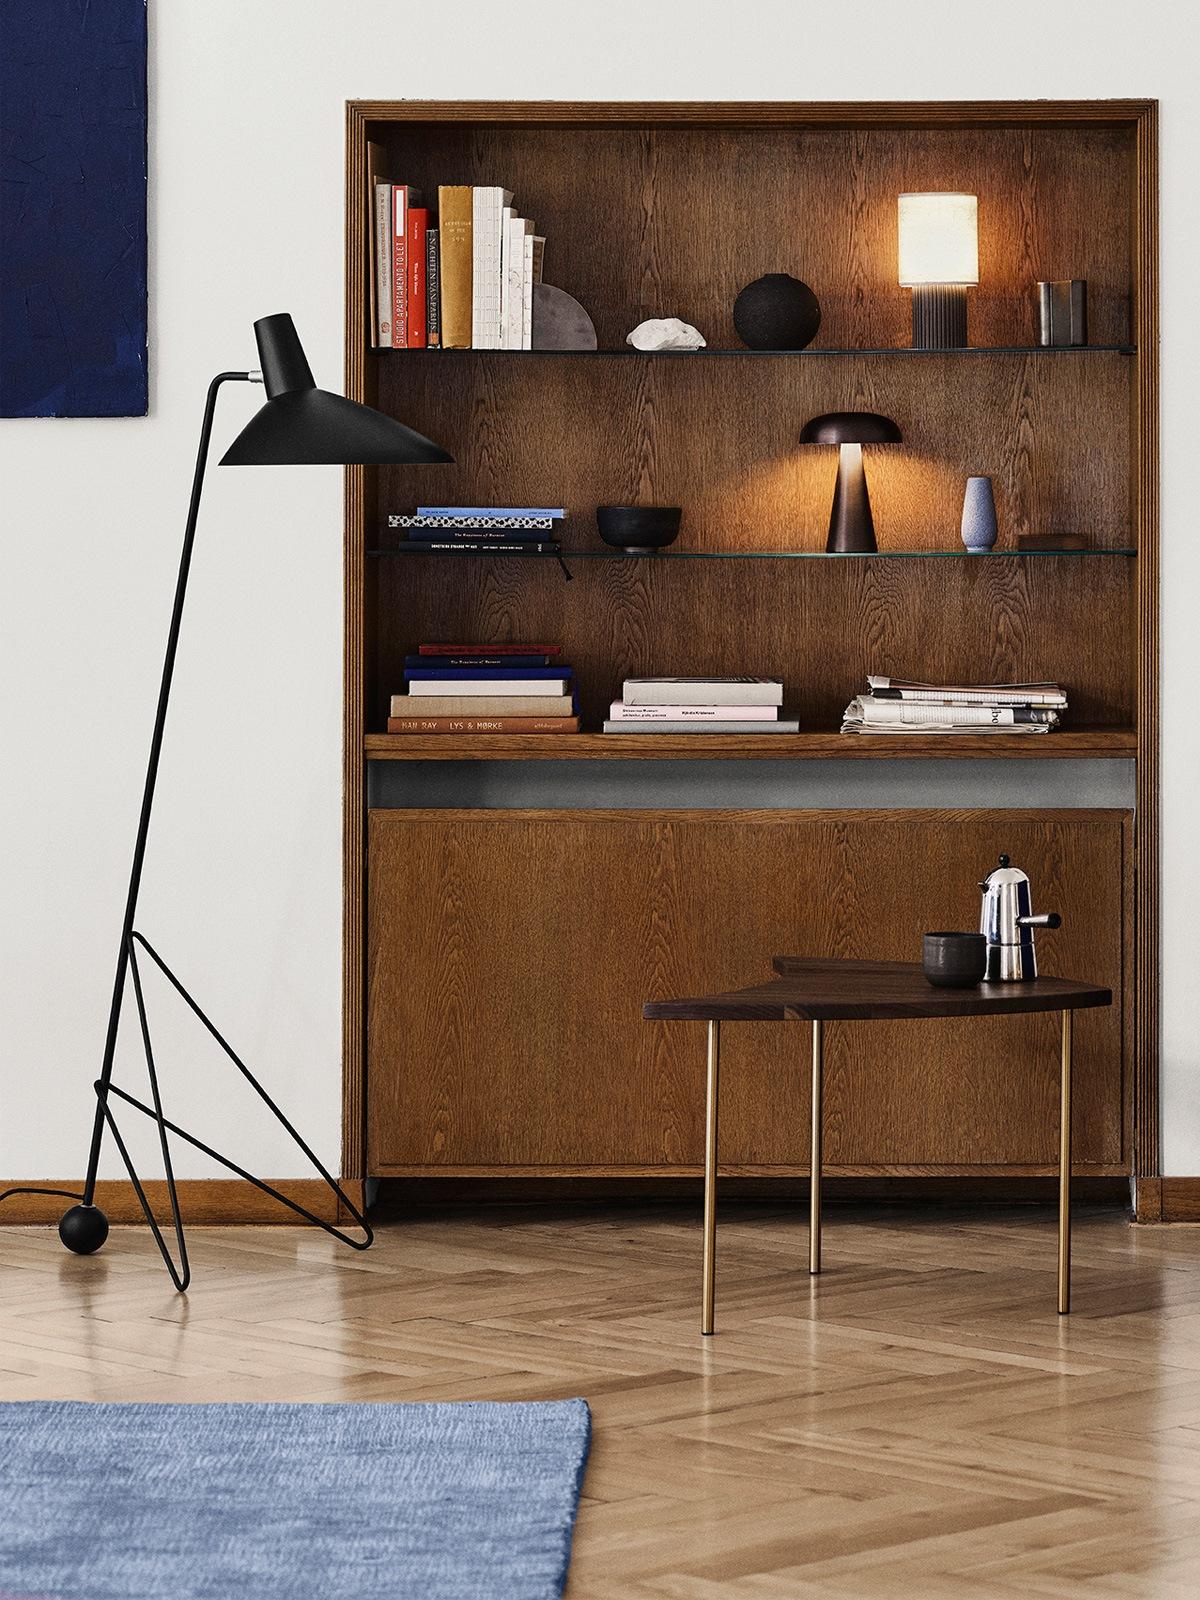 Tripod HM8 &tradition Stehleuchte DesignOrt Designerleuchten Berlin Onlineshop